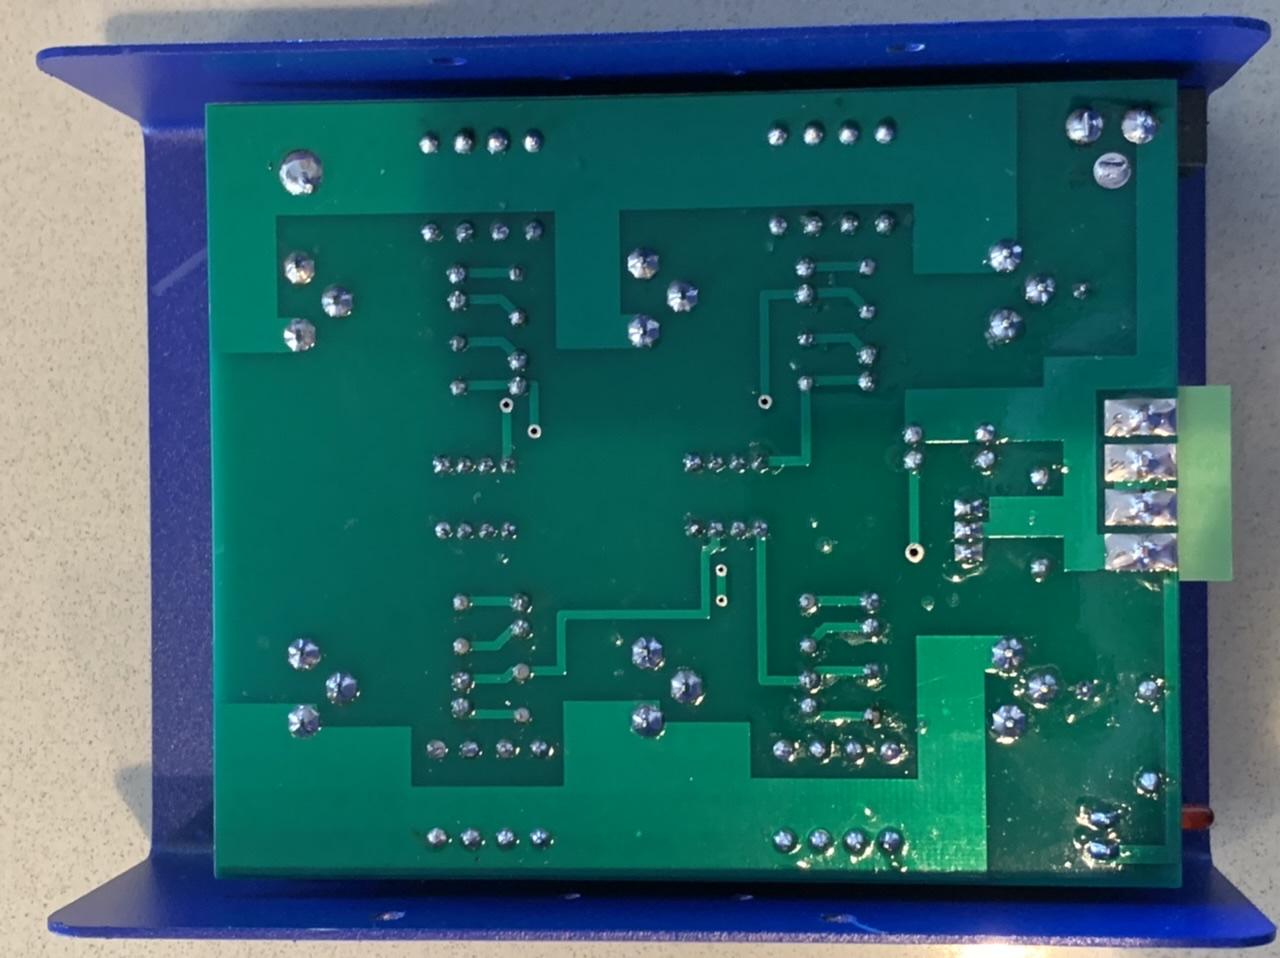 E394A87F-BF40-4AE8-B0C3-8C212AF82F9F.jpeg